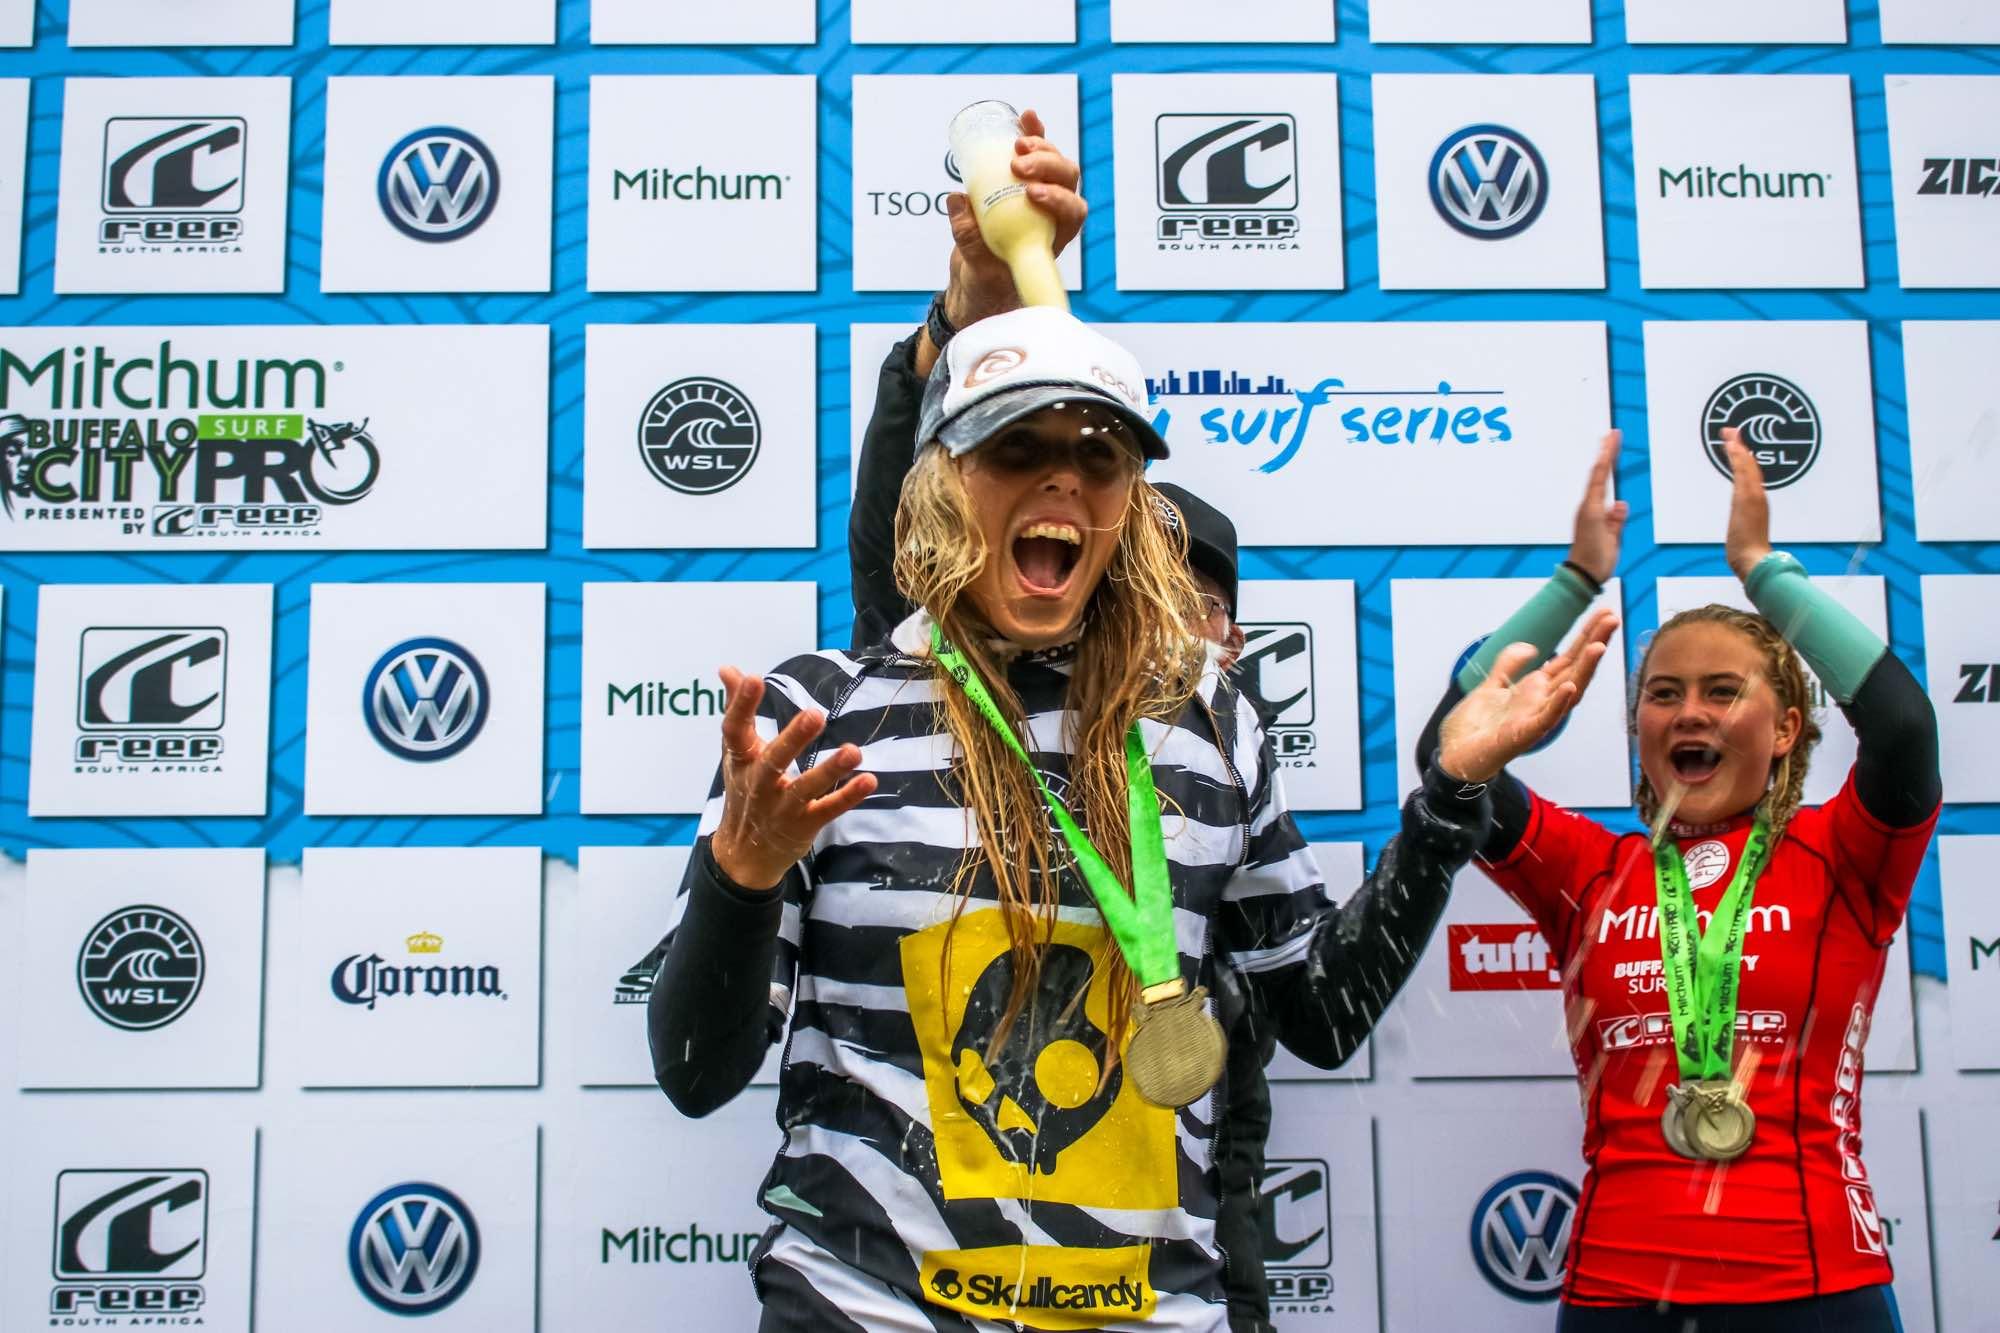 Mitchum Buffalo City Surf Pro Women's Podium